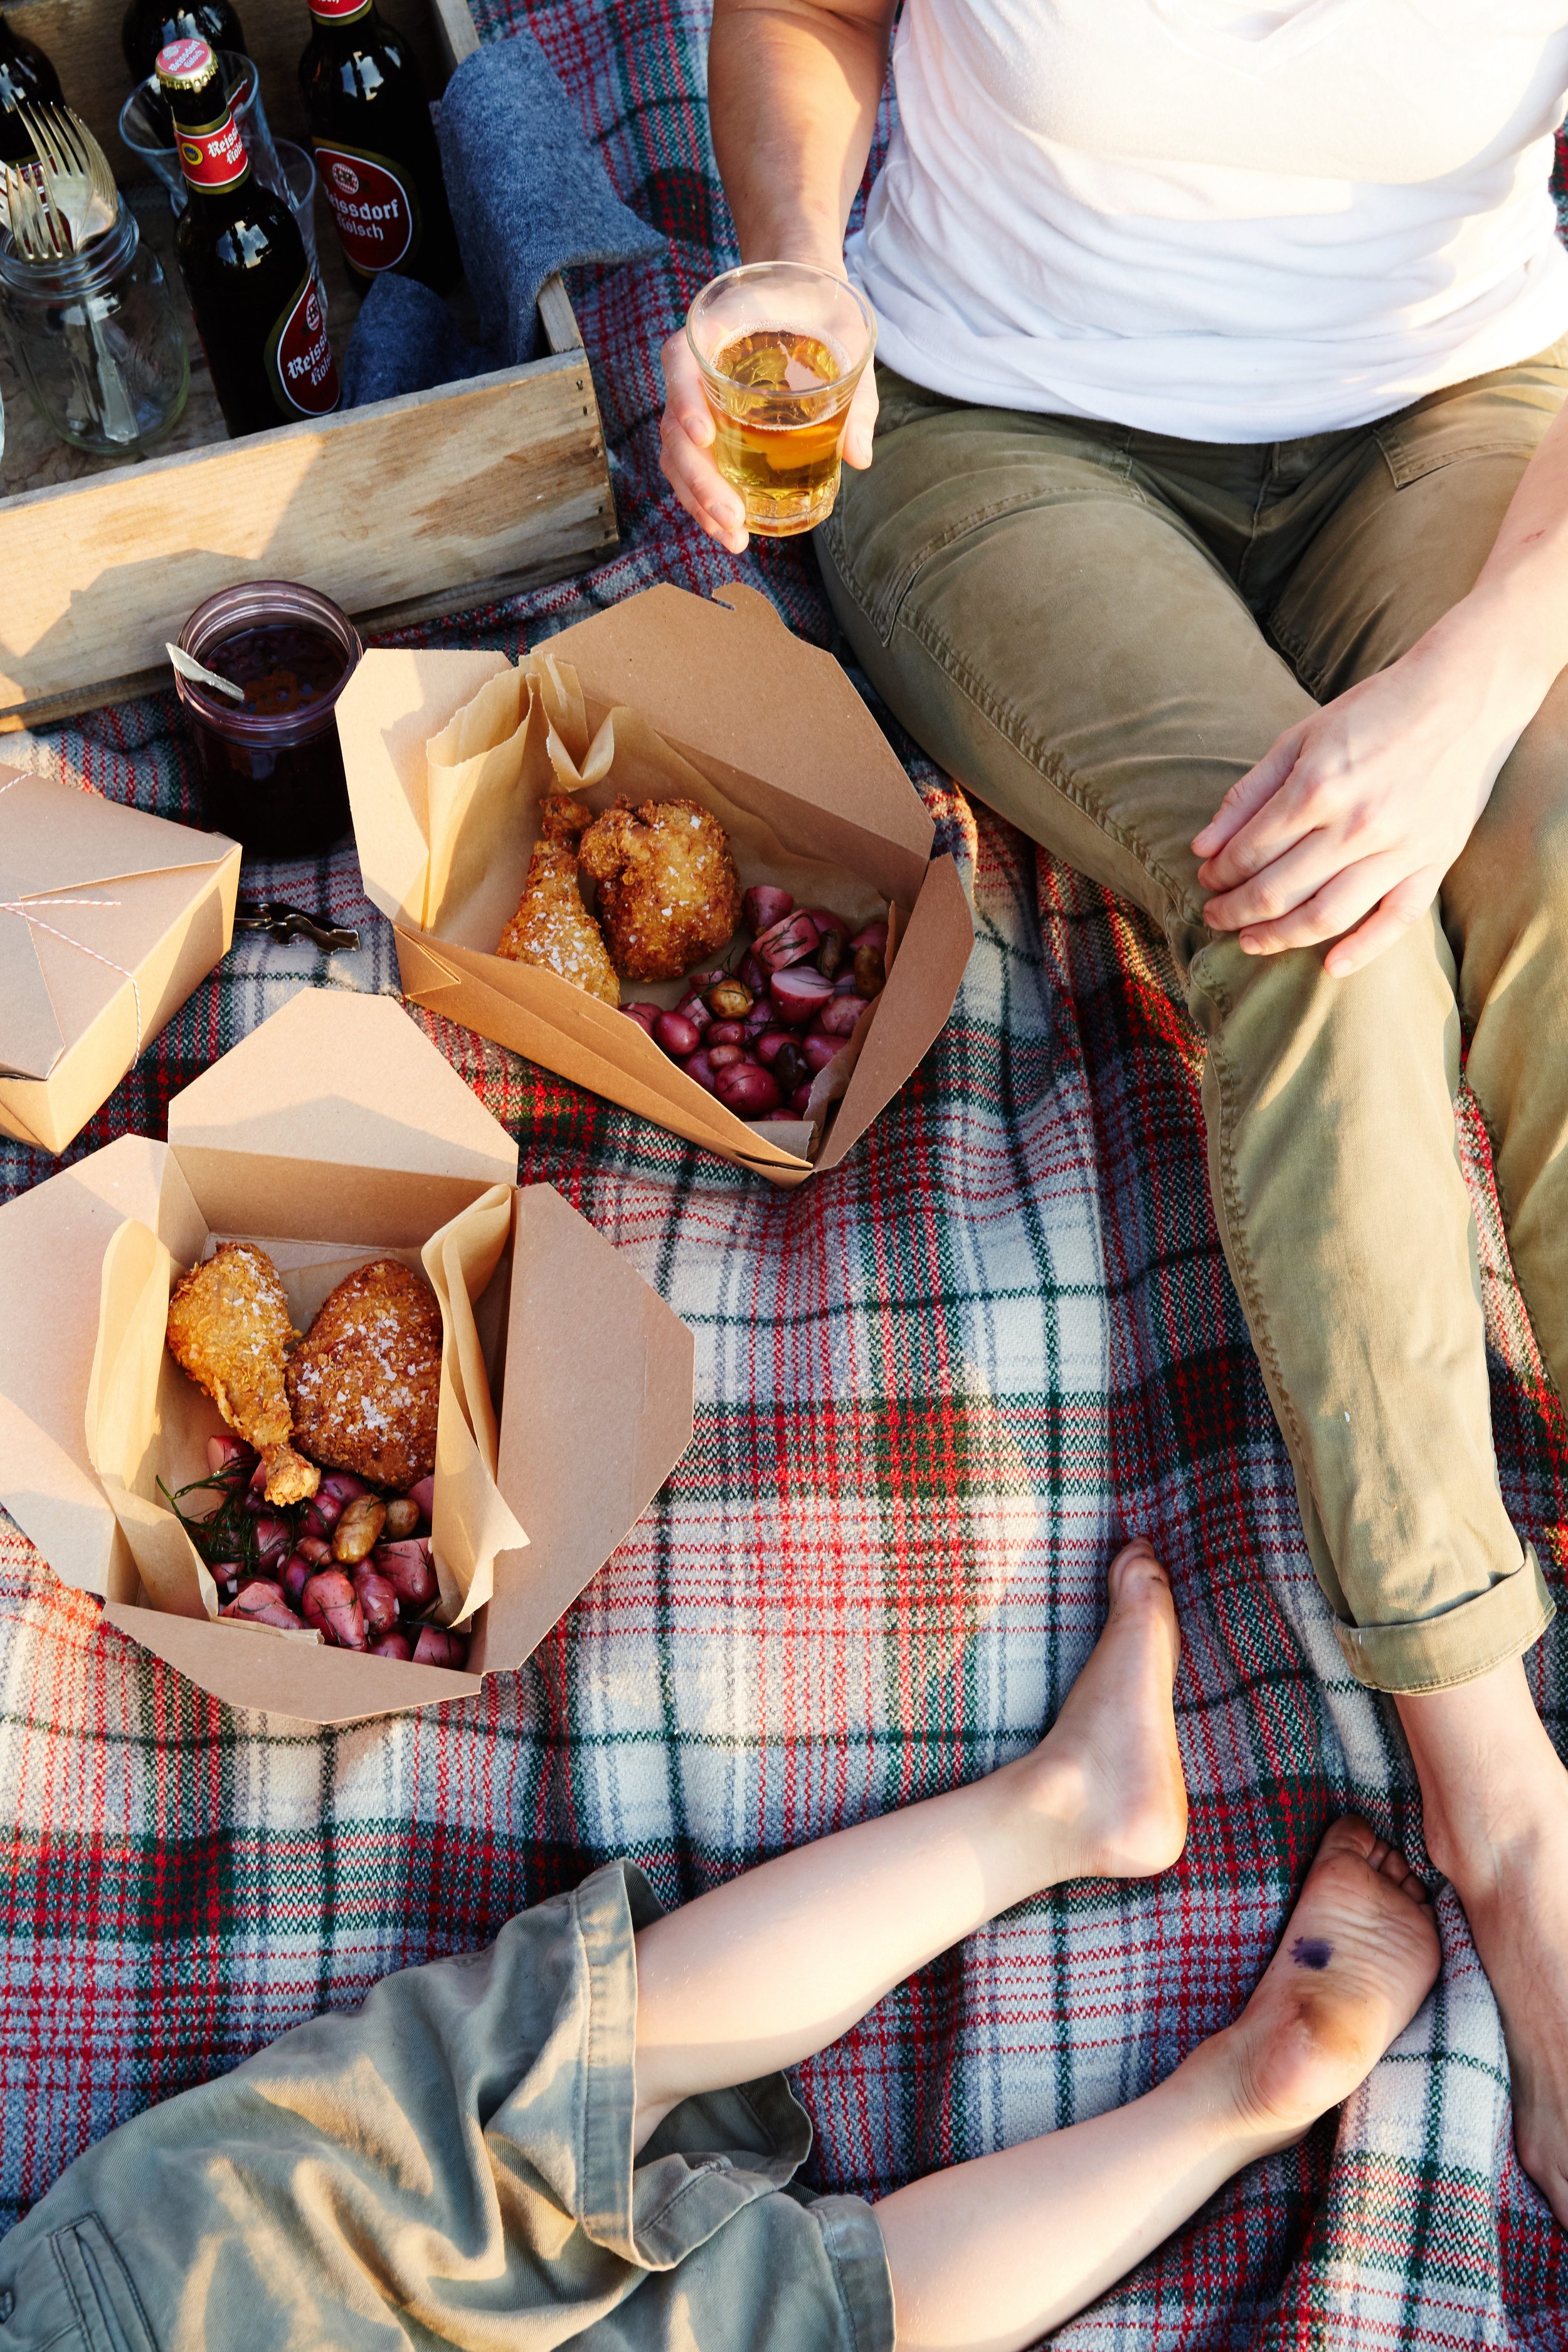 The_Lost_Kitchen_Summer_Fried_Chicken_0011.jpg